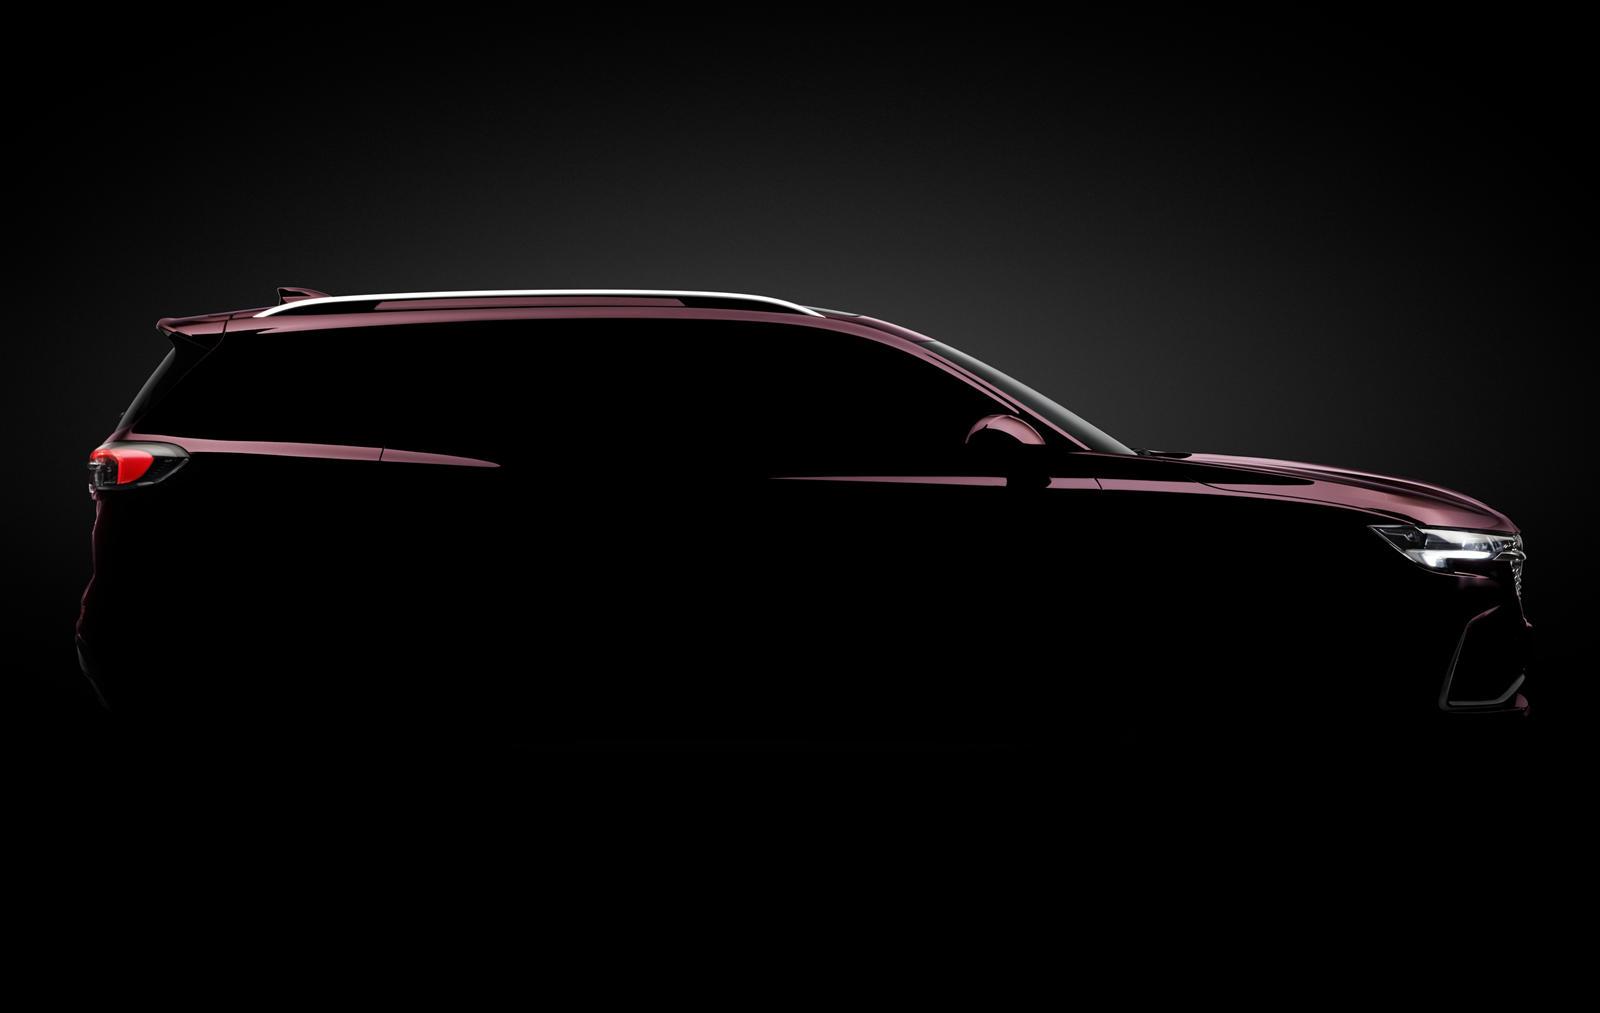 Buick был вынужден адаптироваться к меняющимся временам и стать брендом, выпускающим только кроссоверы. В этом месяце атака кроссоверов Buick продолжится дебютом новой трехрядной версии Envision. Расположенный между Encore GX и Enclave, трехрядный En